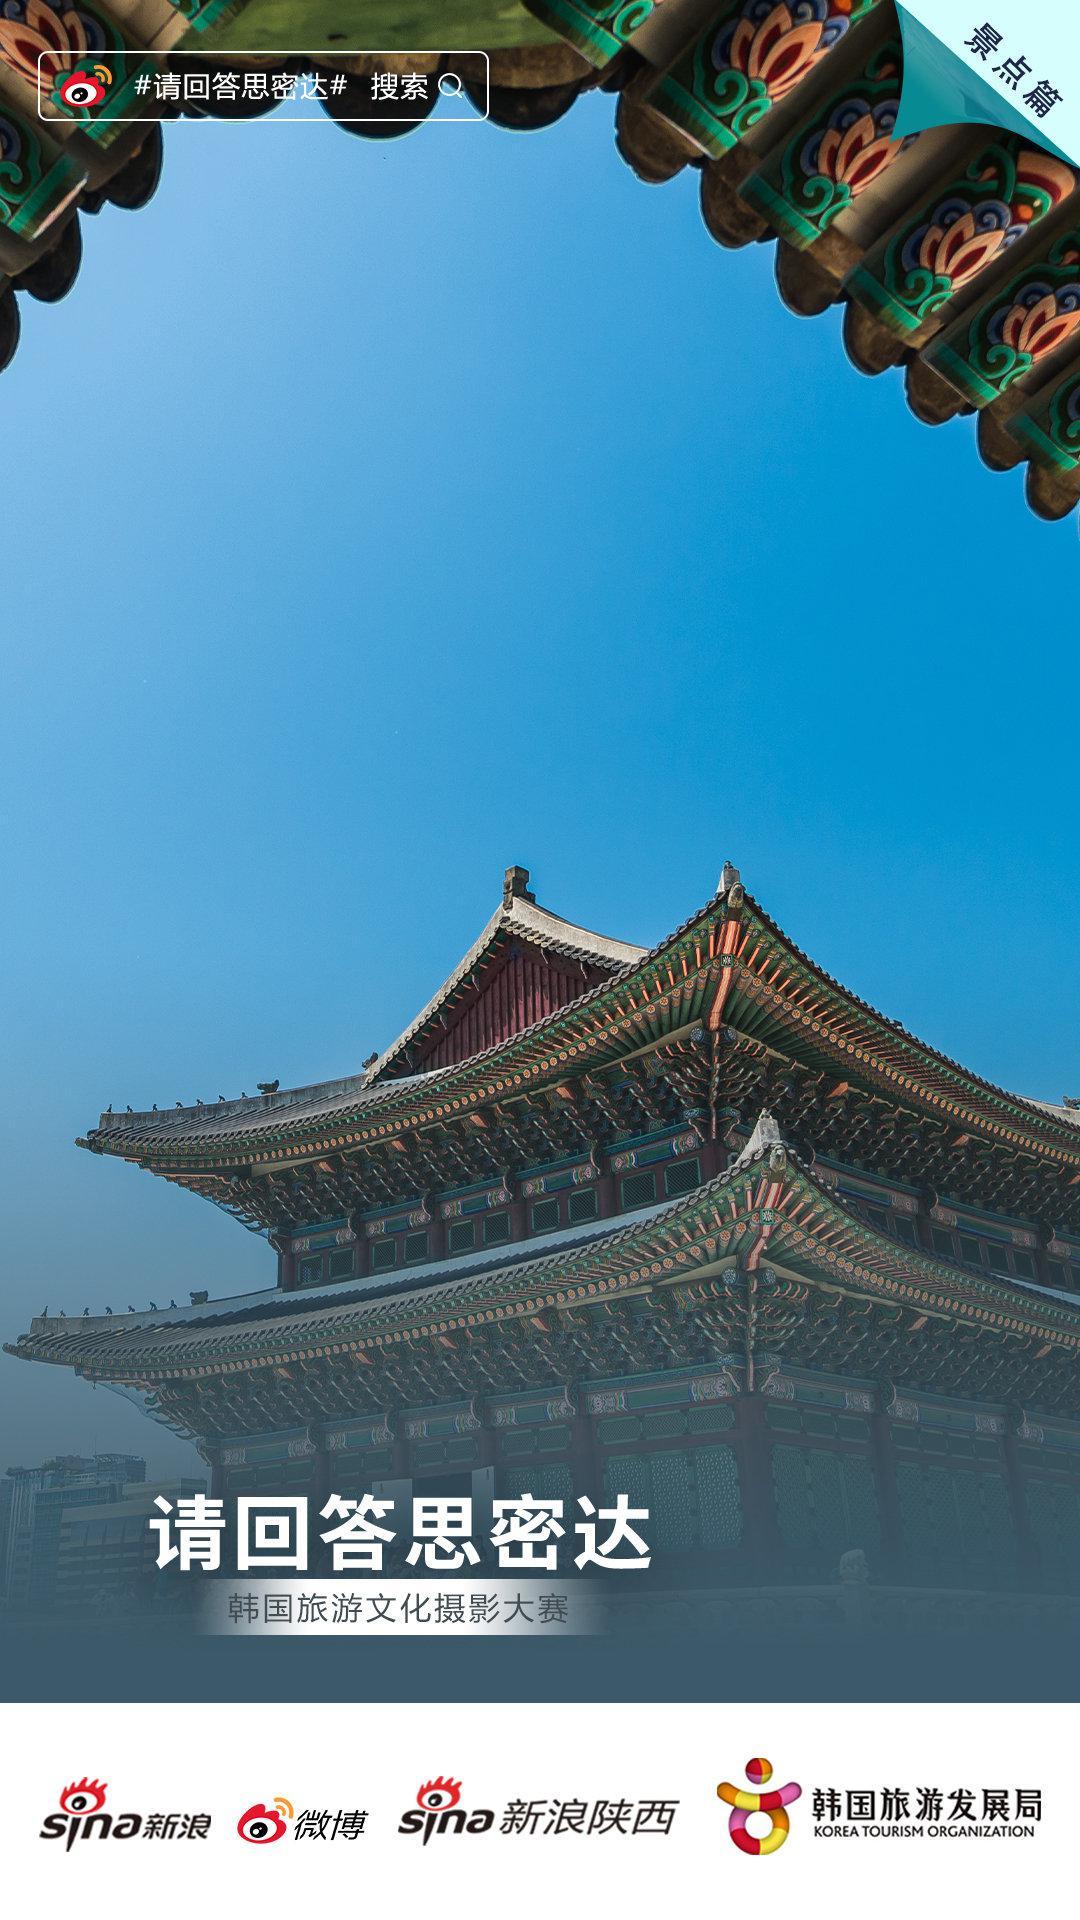 2020韩国旅游文化摄影大赛,晒图赢大奖